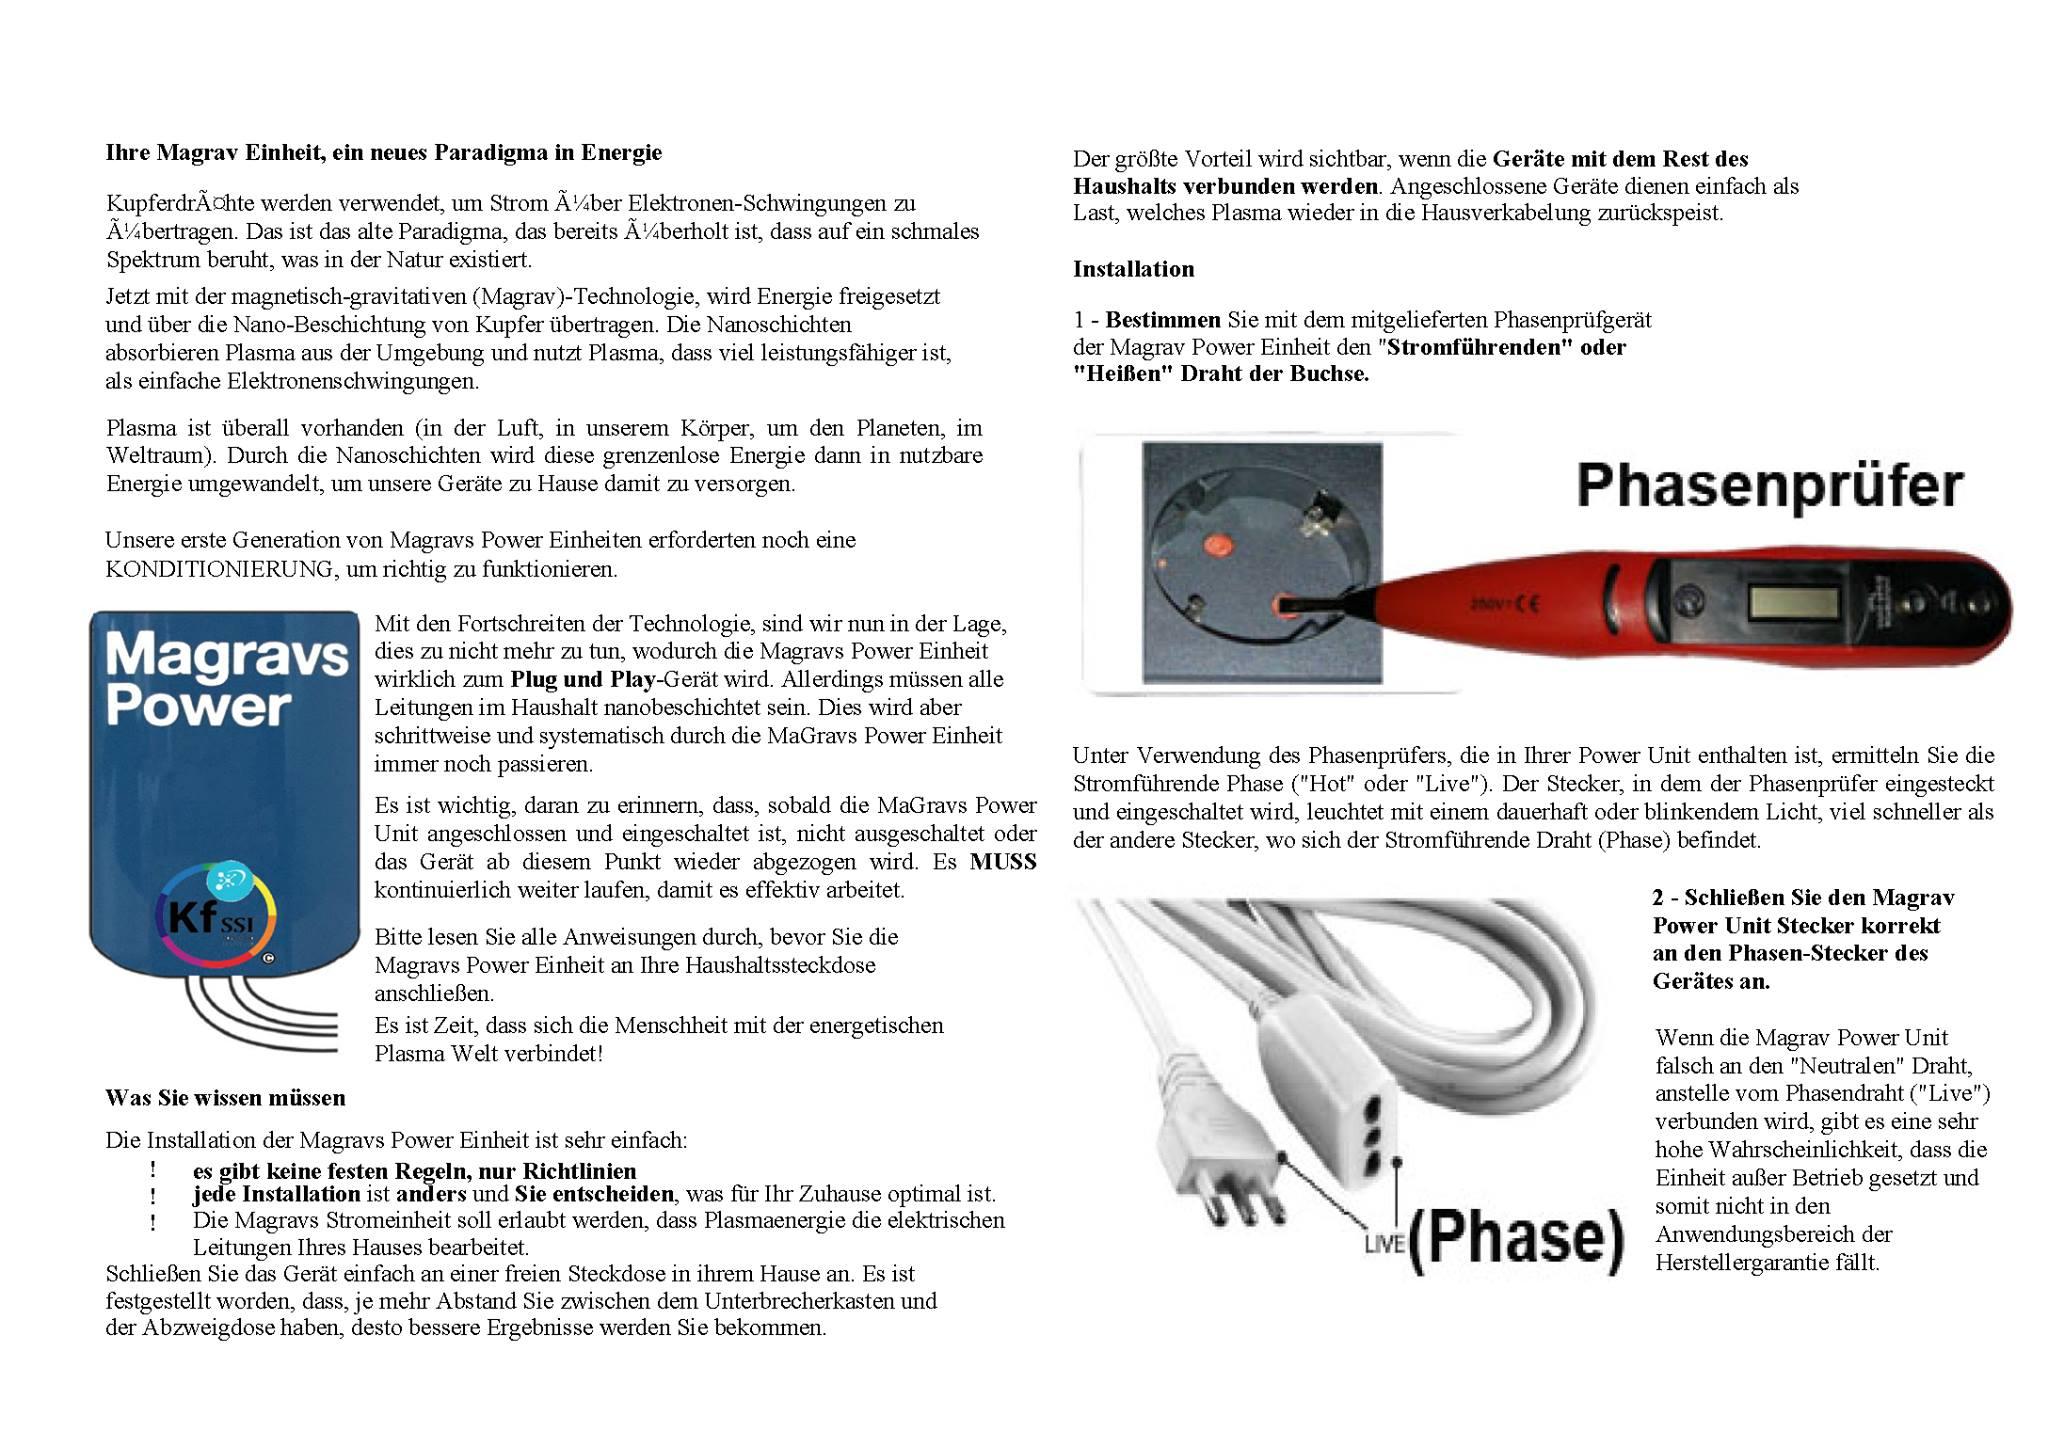 Ziemlich Einfache Hausverkabelung Bilder - Elektrische Schaltplan ...